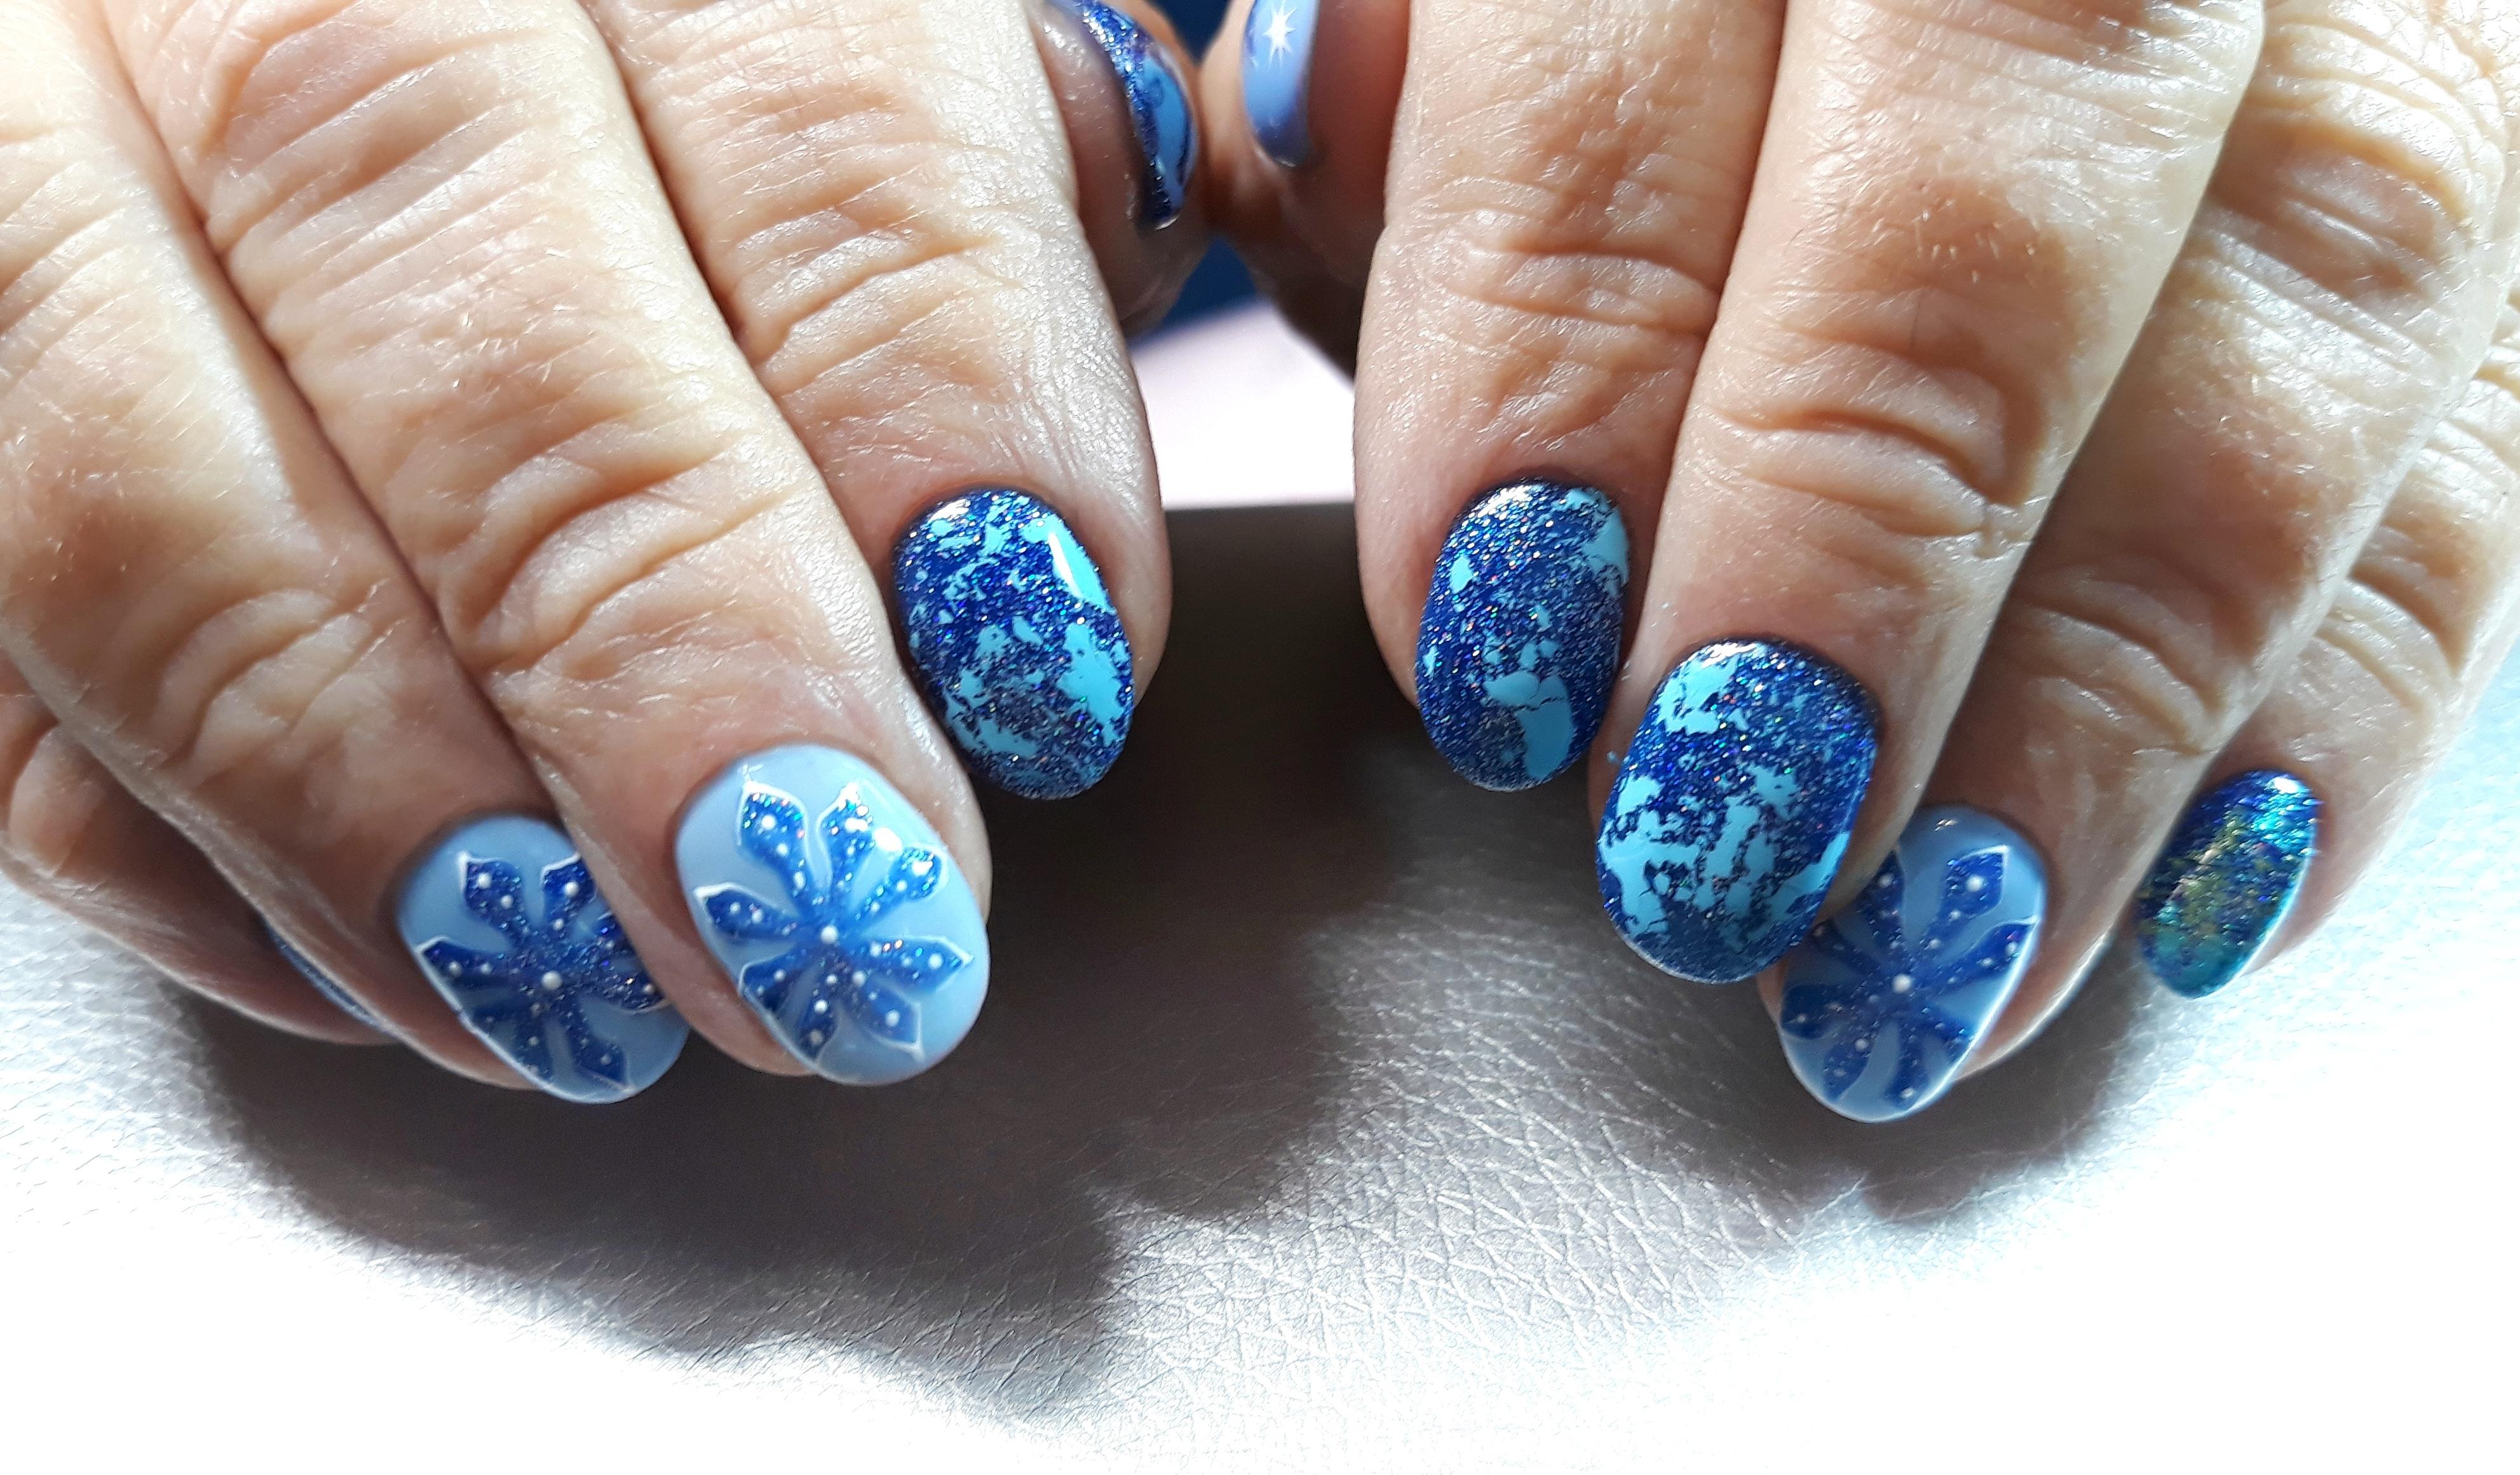 Зимний маникюр с цветной фольгой и снежинками в голубом цвете на короткие ногти.